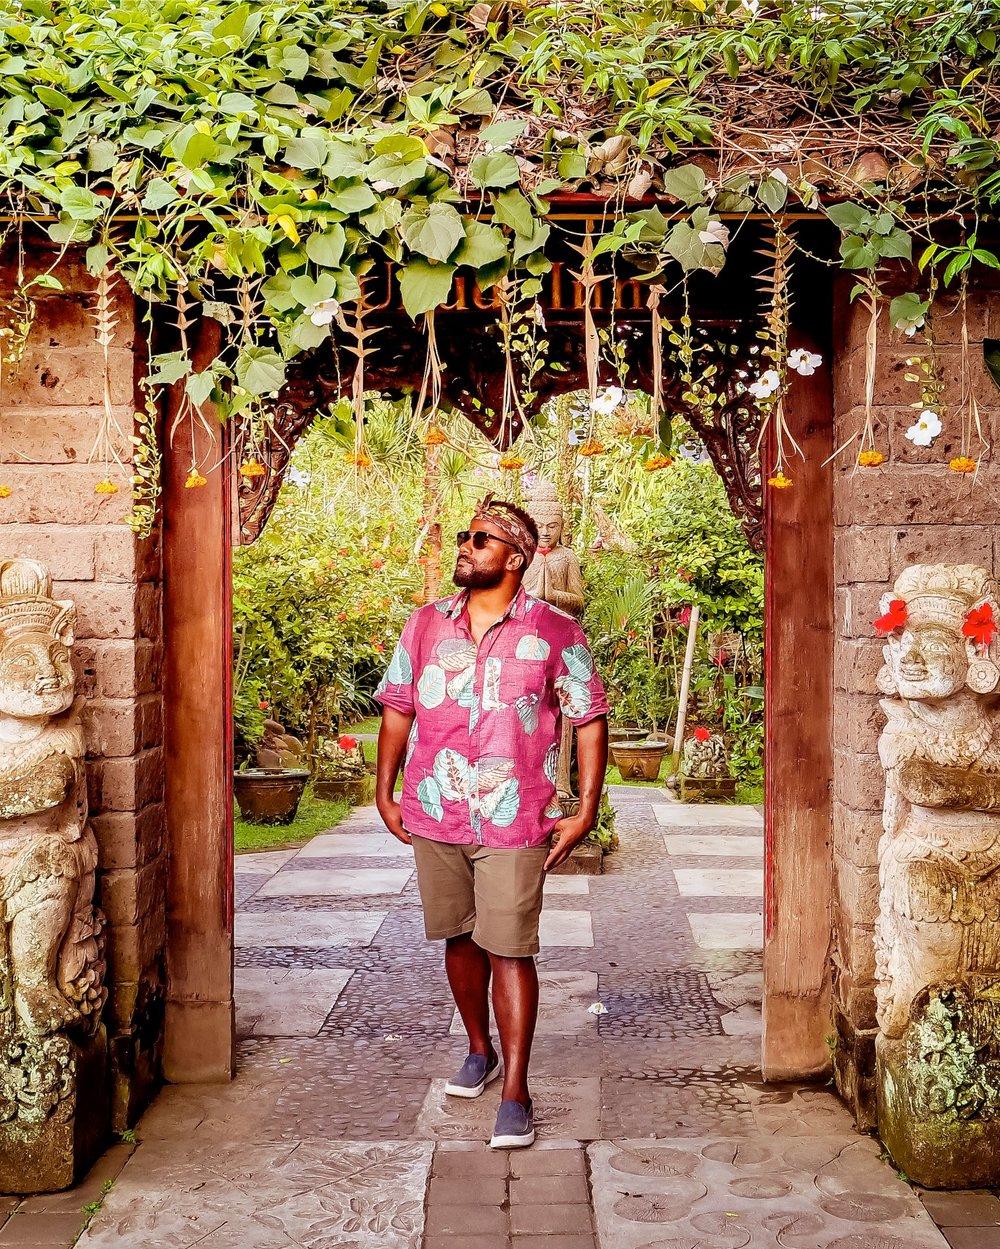 Bali Group Trip Black Travel